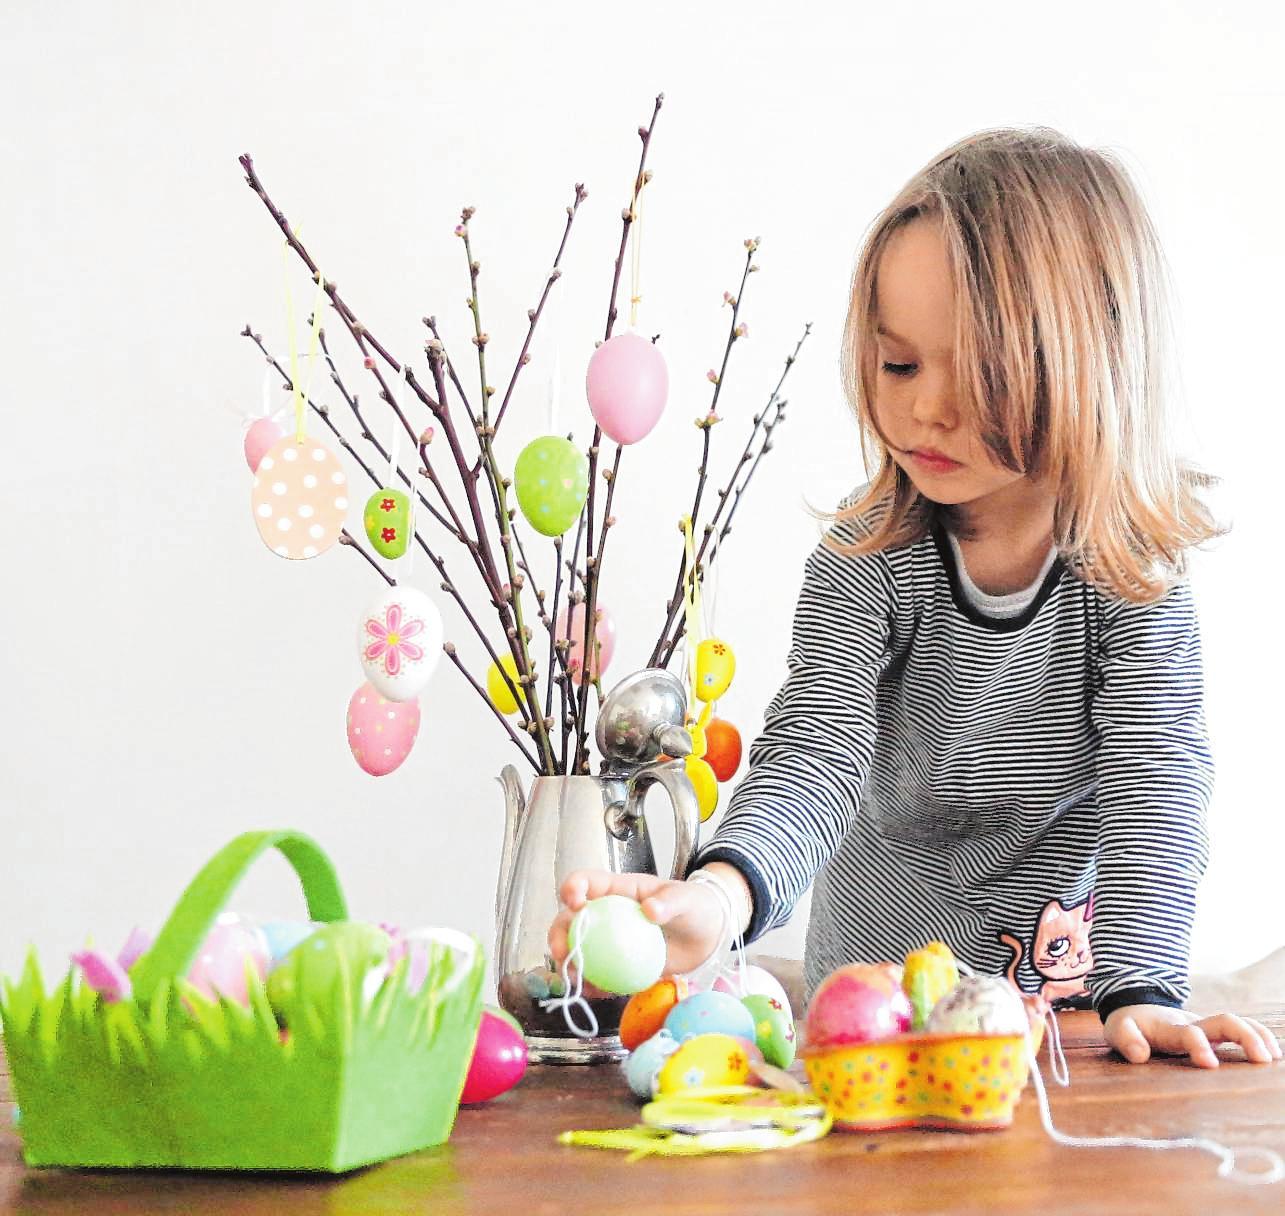 Rund um Ostern gibt es viele Möglichkeiten, mit den Kindern tolle Dekoration zu basteln, die sich ideal auf dem Festtagstisch macht. Bild:Mascha Brichta/dpa-tmn